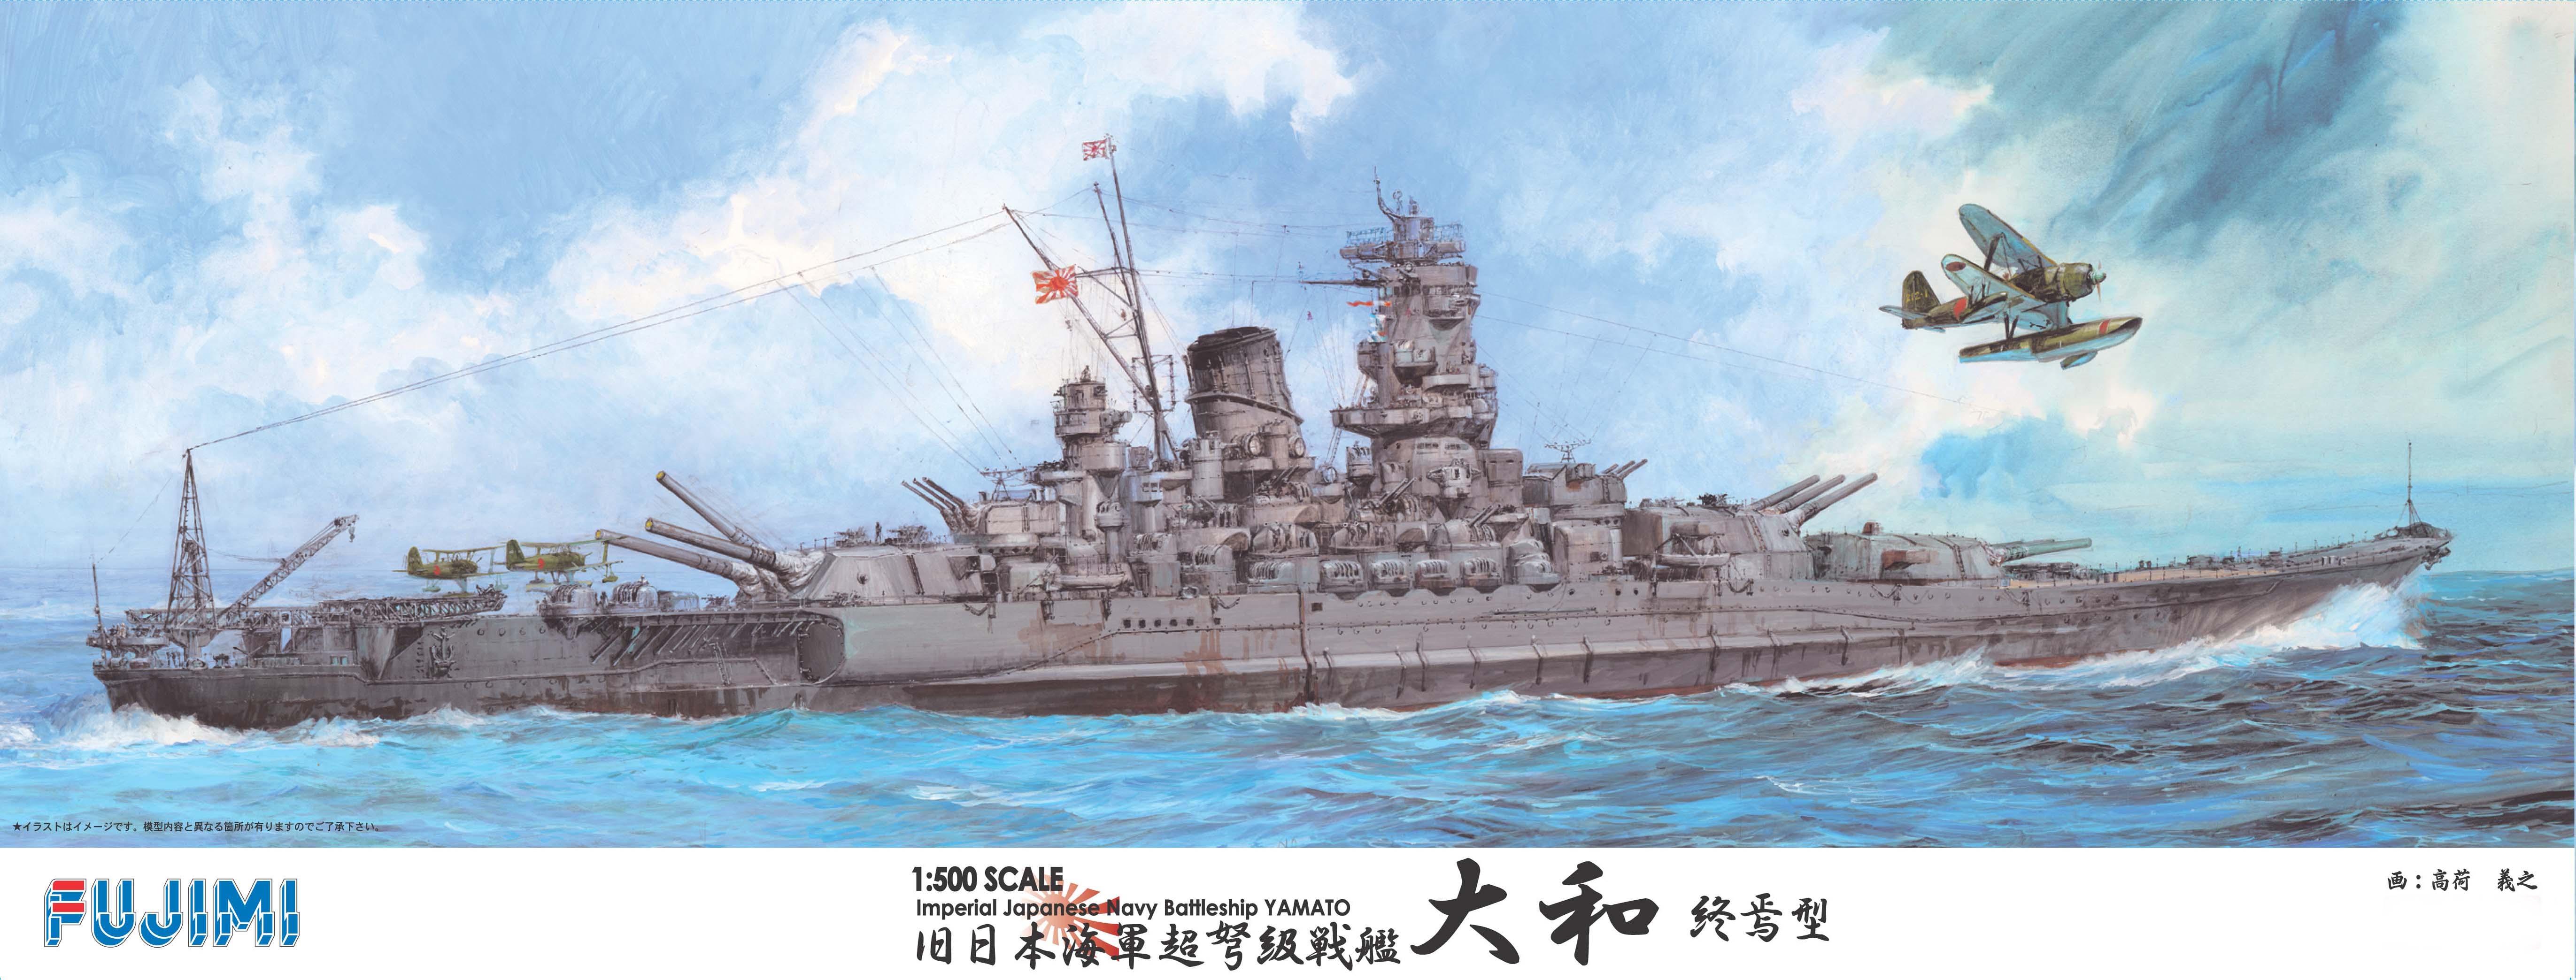 Fujimi Imperial Japanese Navy Battleship Yamato